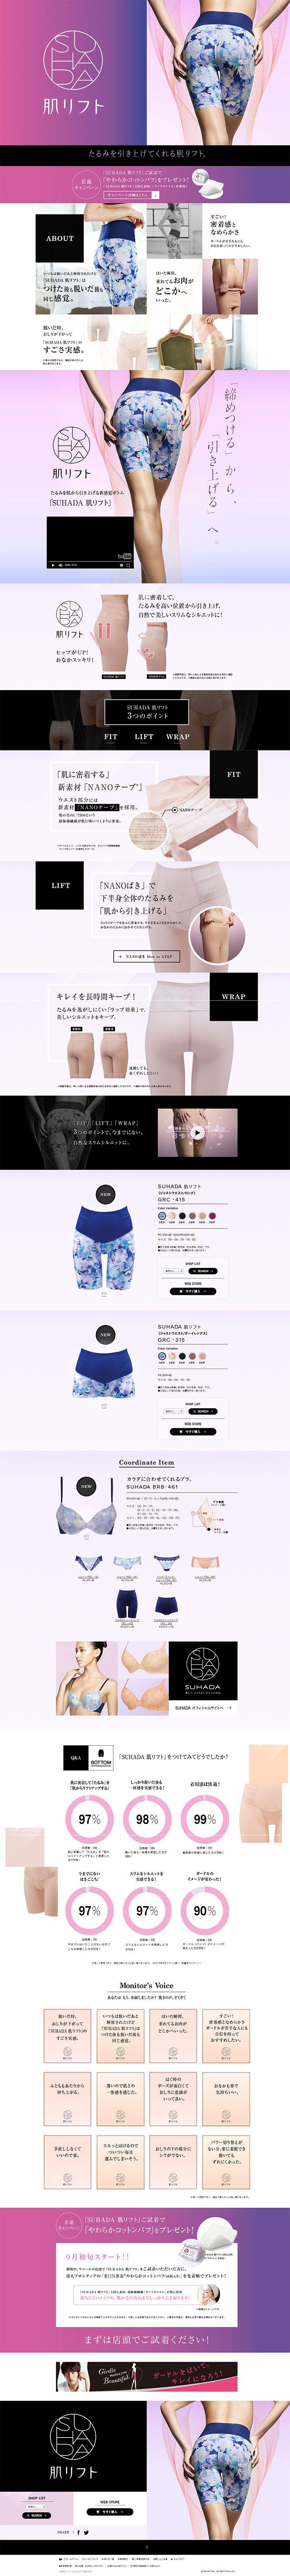 SUHADA 肌リフト【ファッション関連】のLPデザイン。WEBデザイナーさん必見!ランディングページのデザイン参考に(シンプル系)